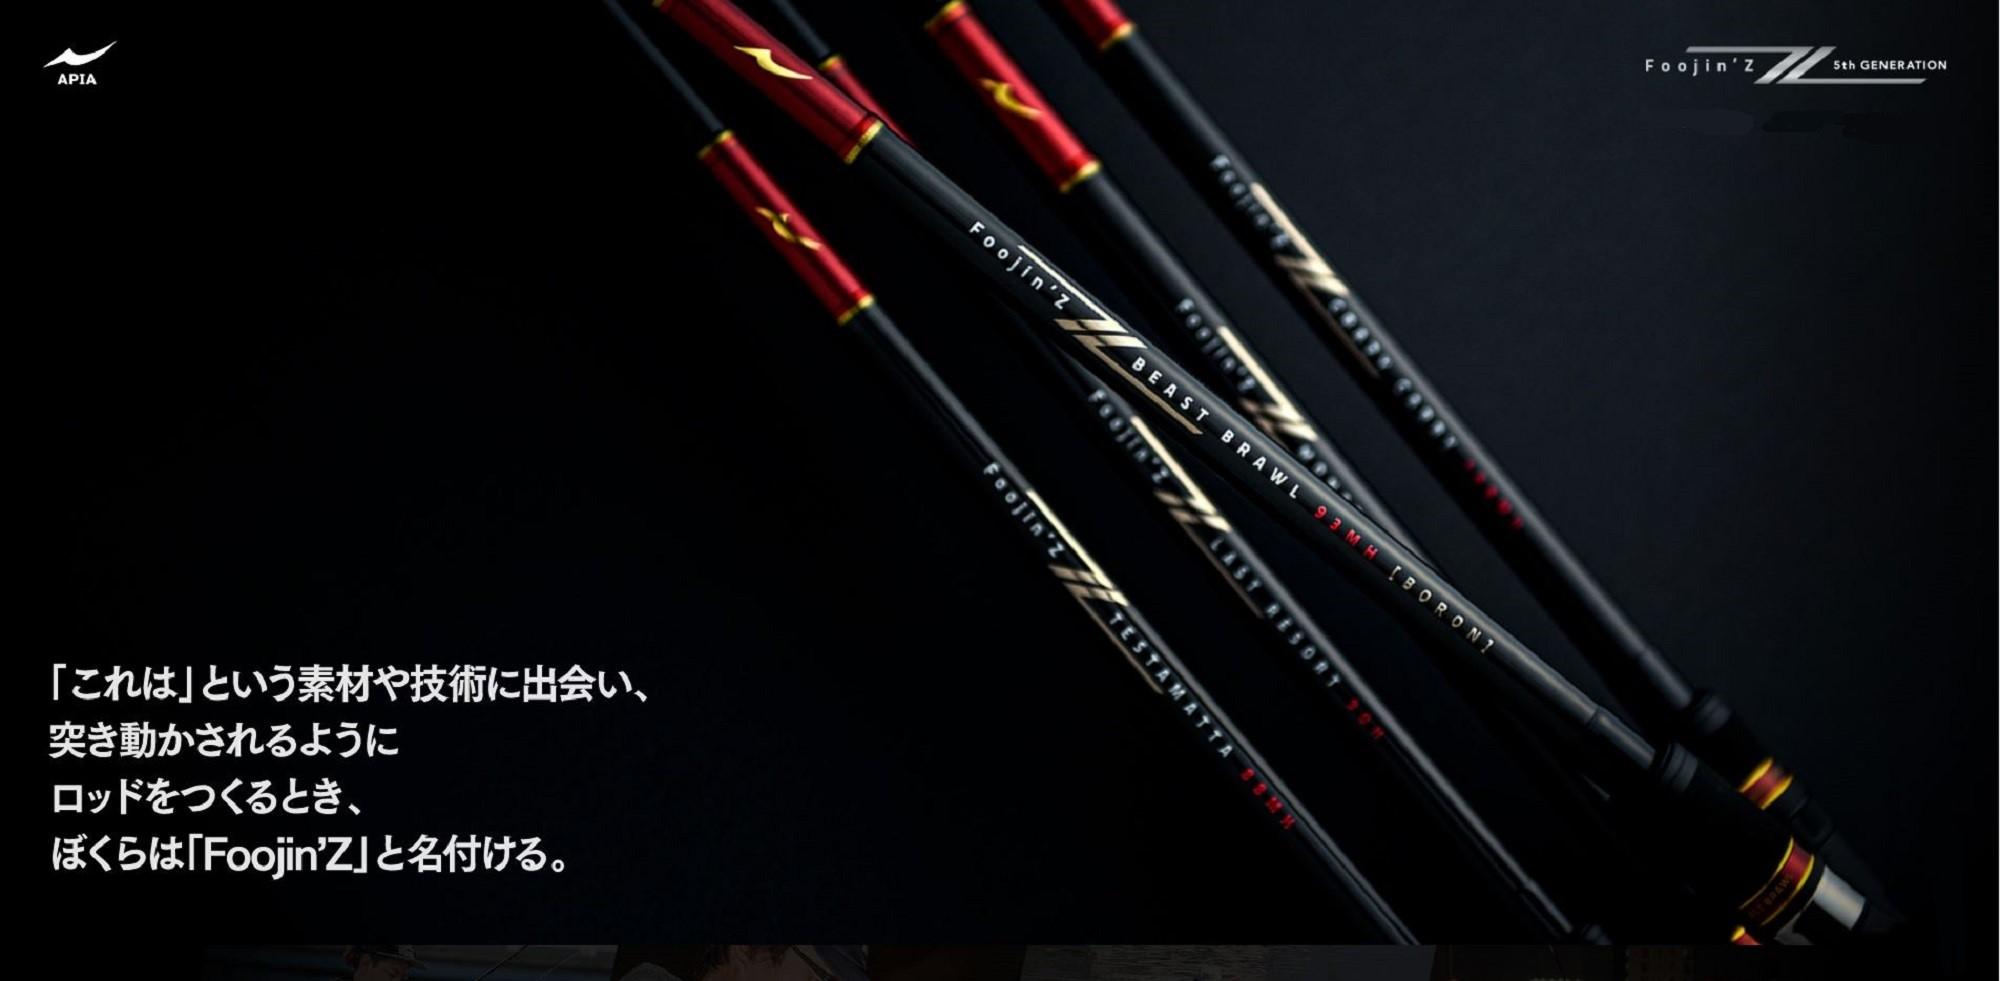 Apia Rod Spinning Foojin'Z Generous 94M (2034)